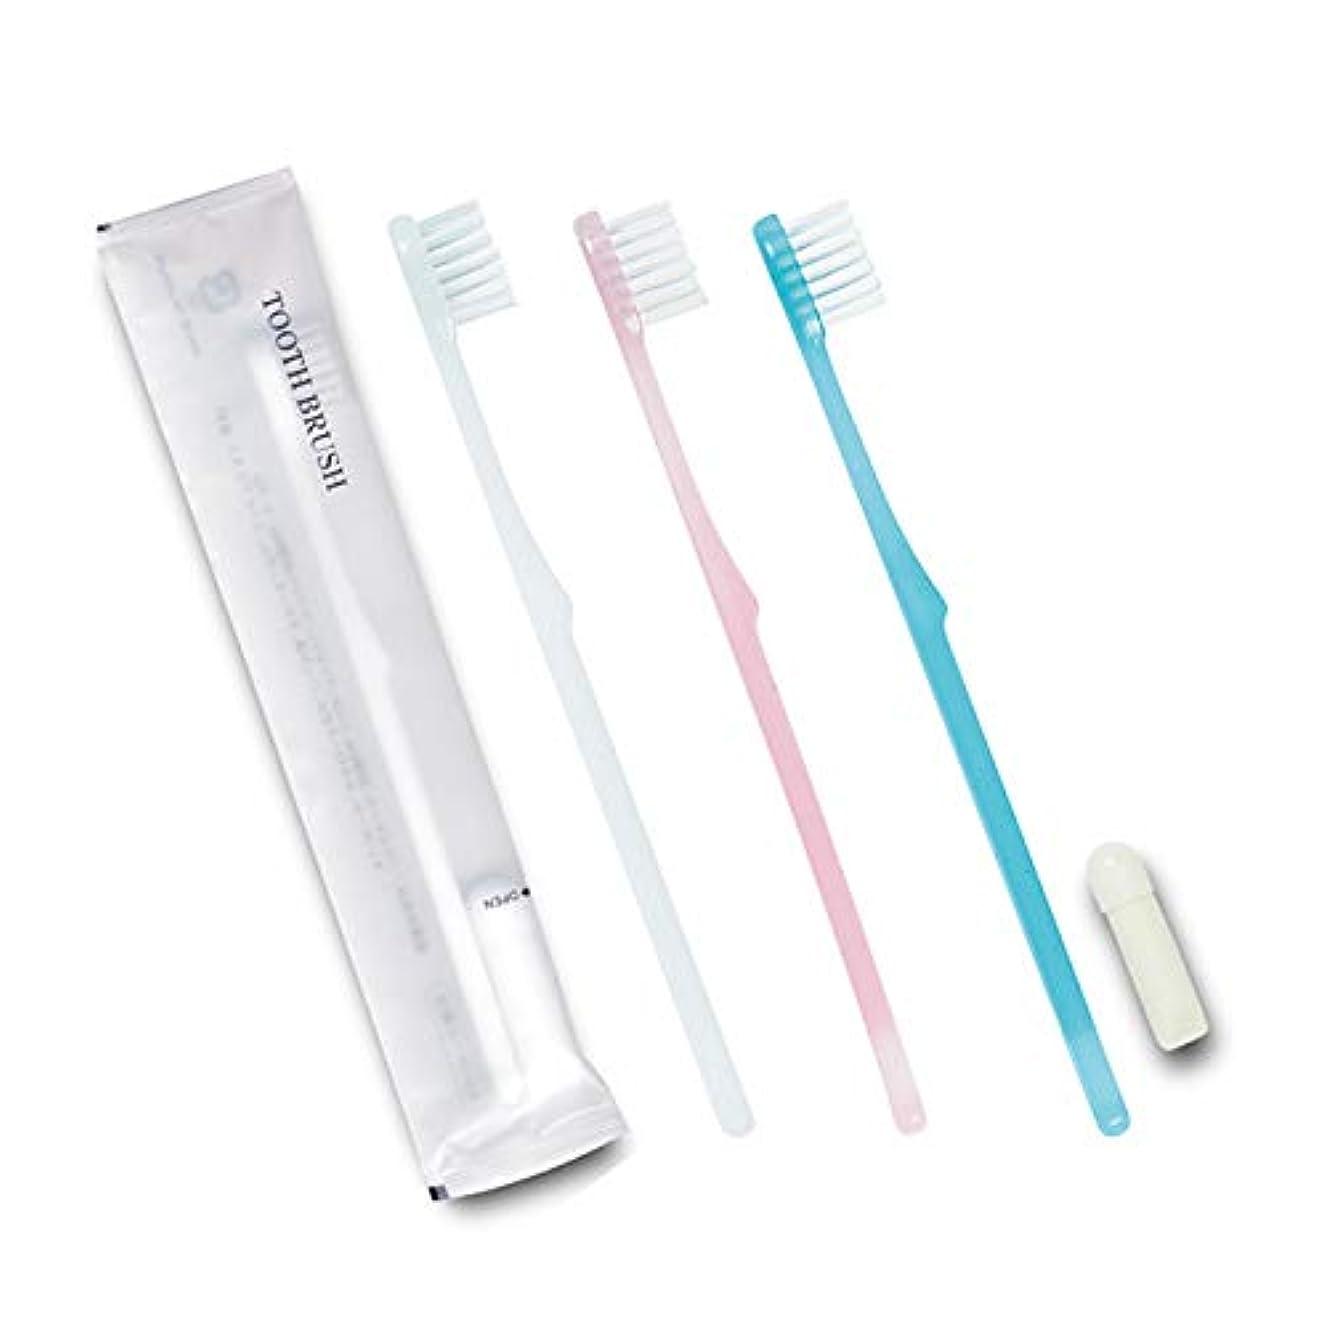 保持撤退近代化するホテル業務用歯ブラシ24穴(白?ブルー?ピンク)3色アソート 3gチューブ マット袋Sタイプ 120本